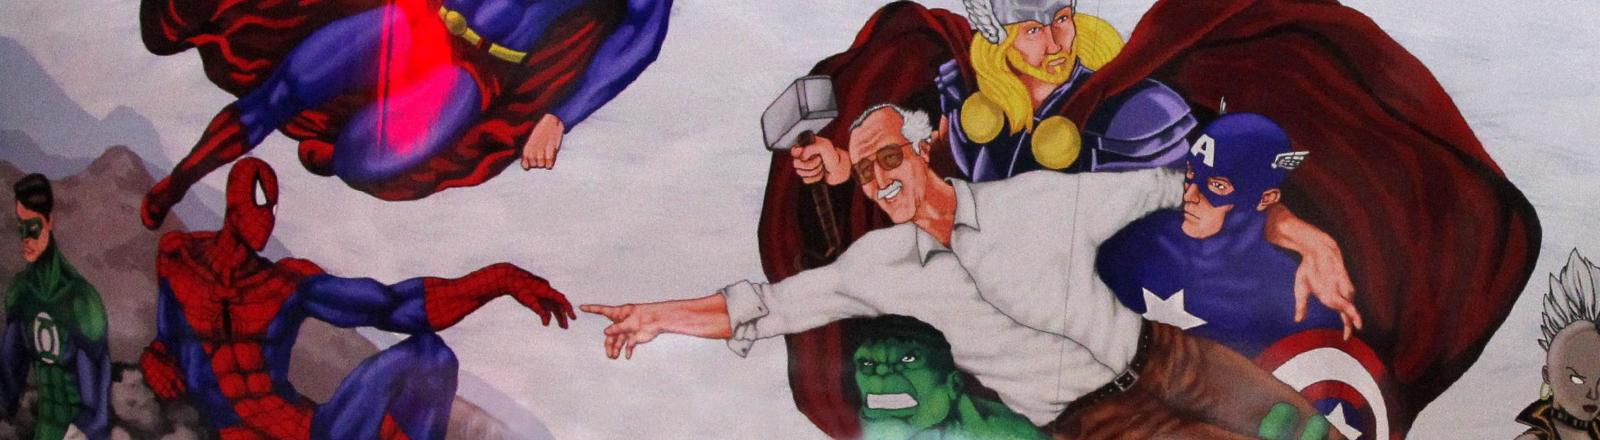 Der Zeichner Stan Lee mit seinen Comicfiguren.